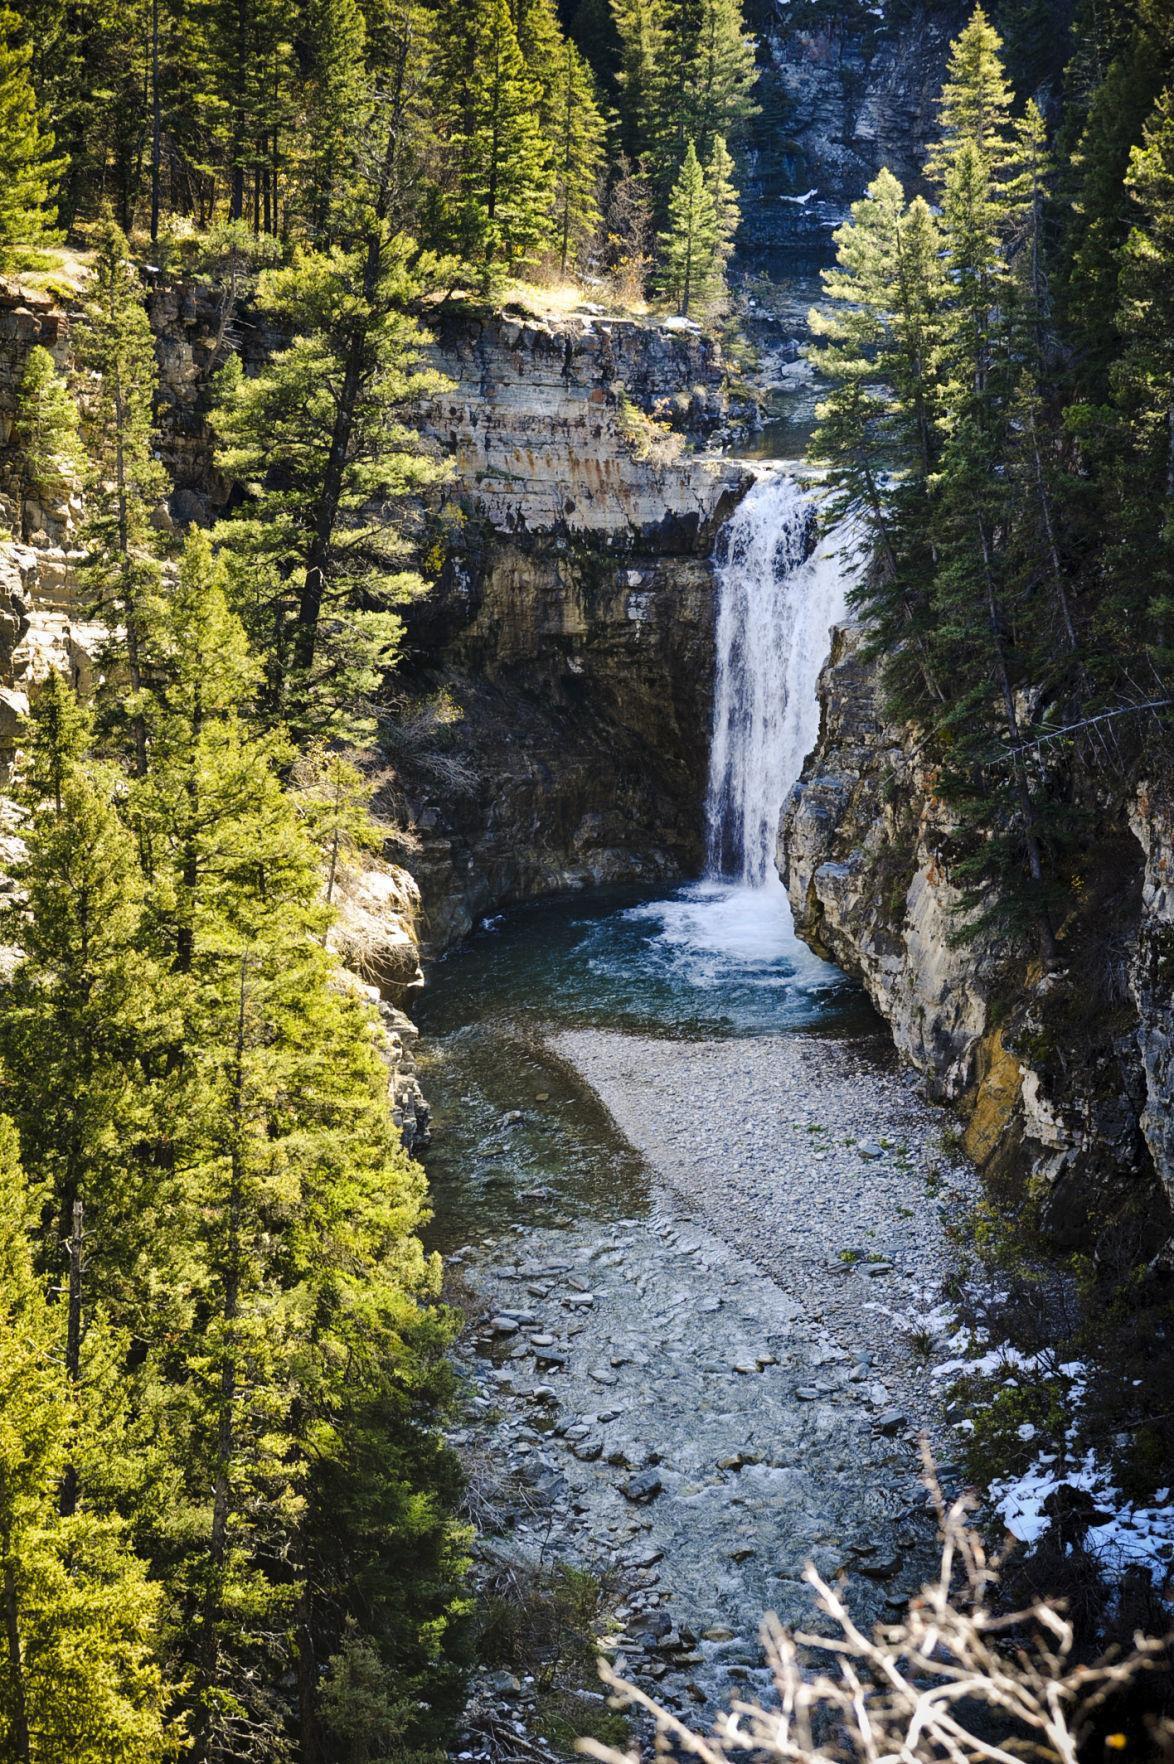 The Falls Creek waterfall